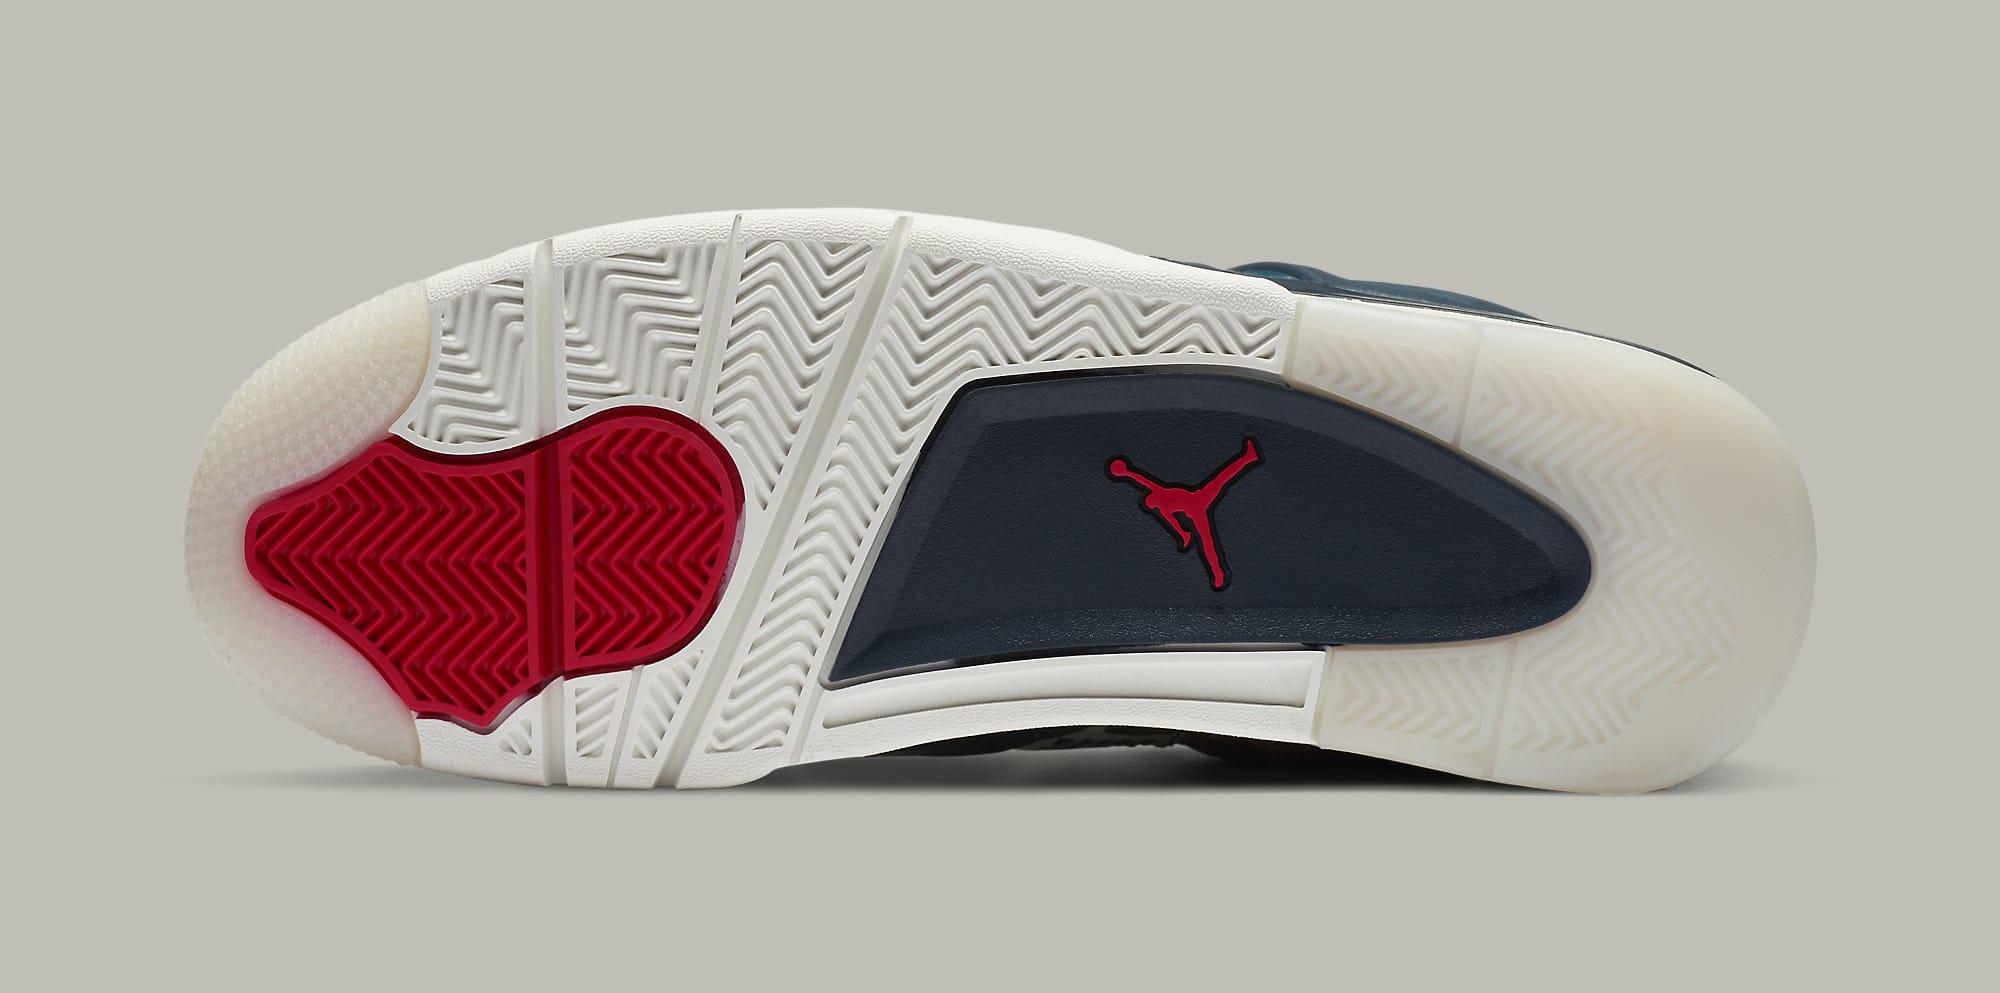 Air Jordan 4 Retro SE 'Sashiko' CW0898-400 Outsole